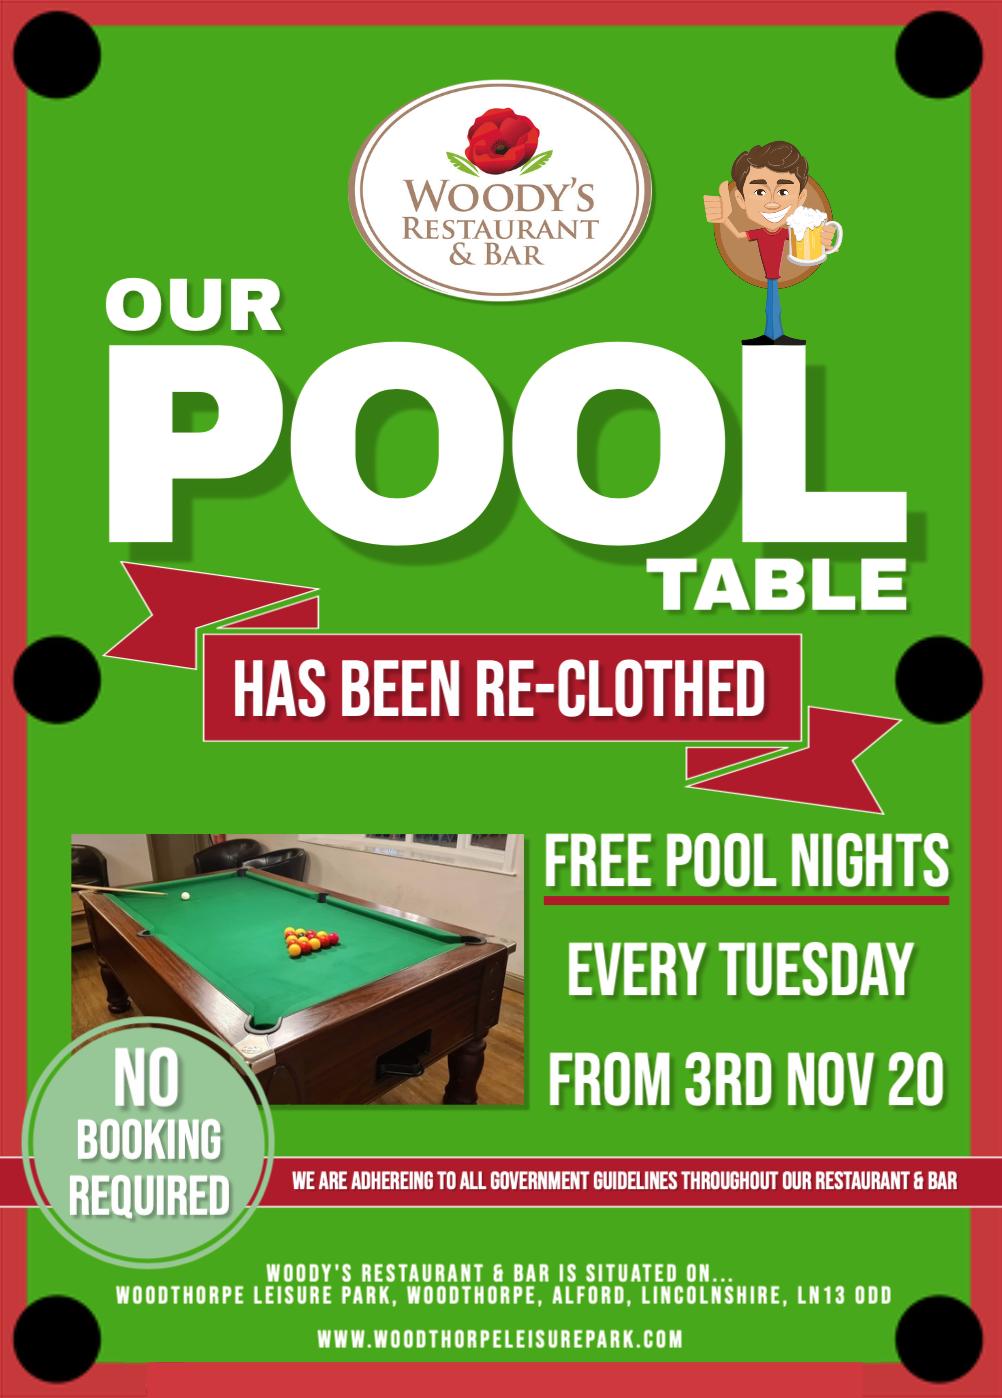 pool table free on Tuesdays